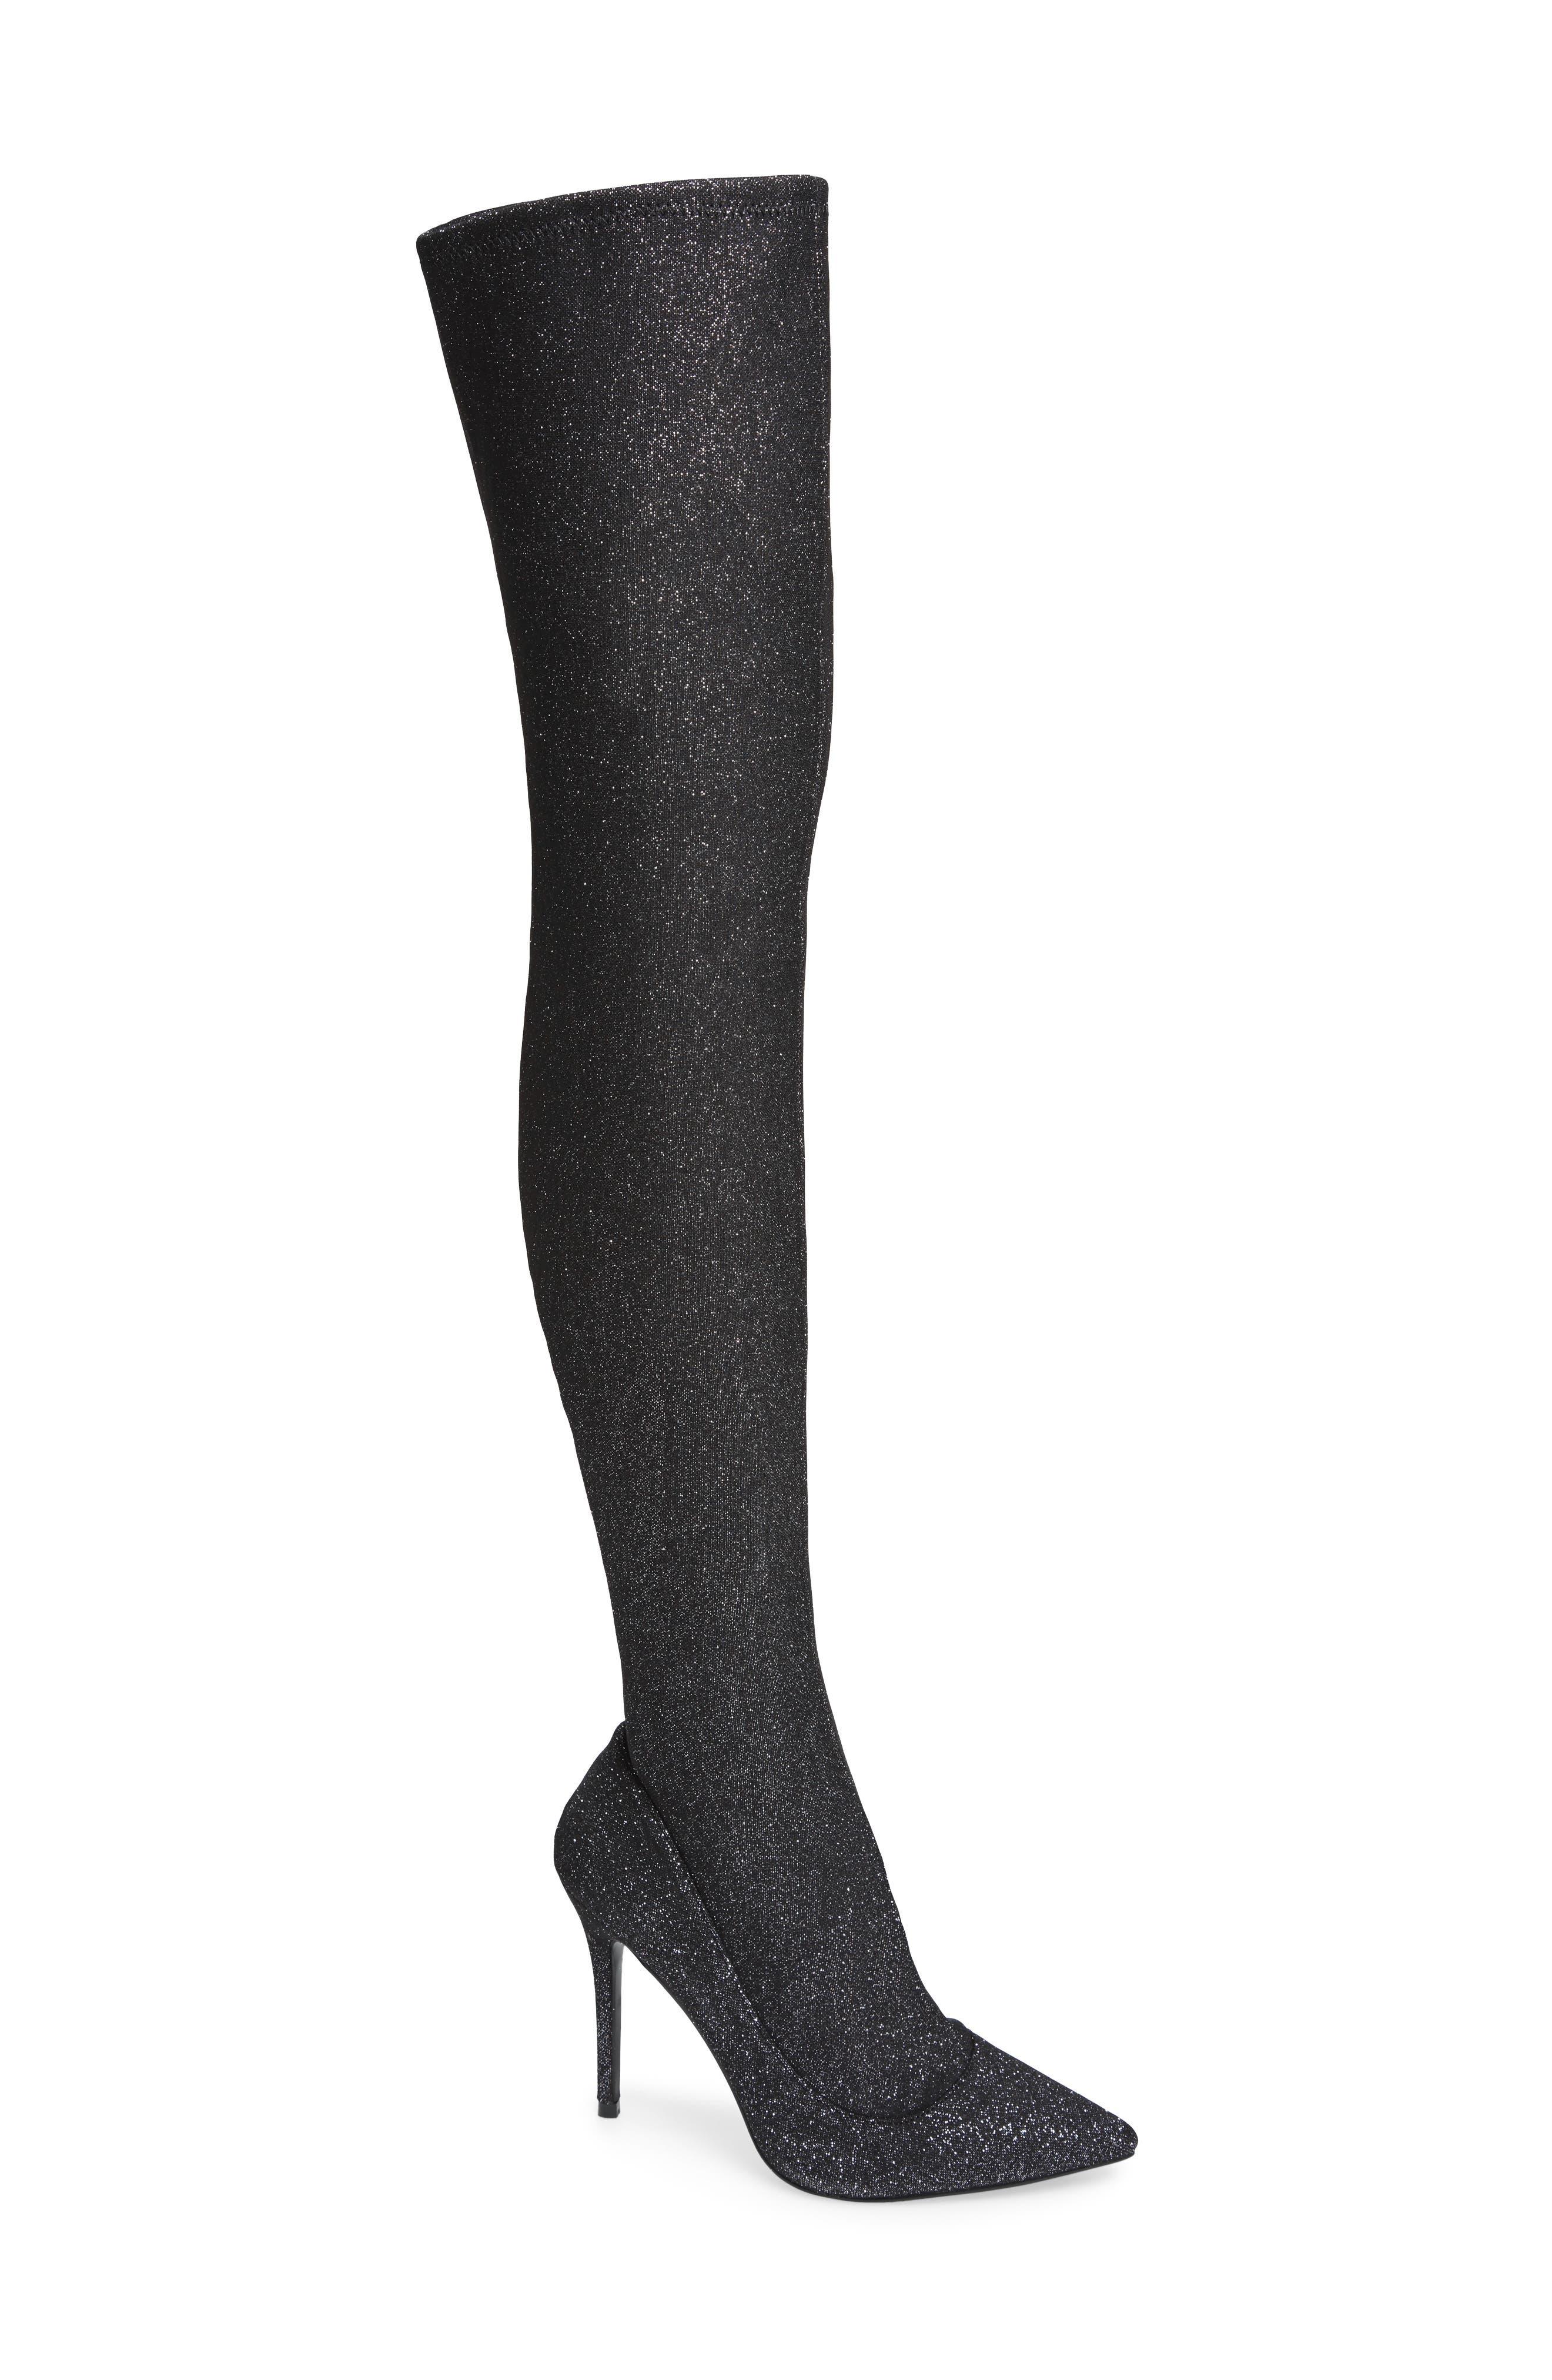 Bellini Stiletto Over the Knee Boot,                         Main,                         color, SILVER